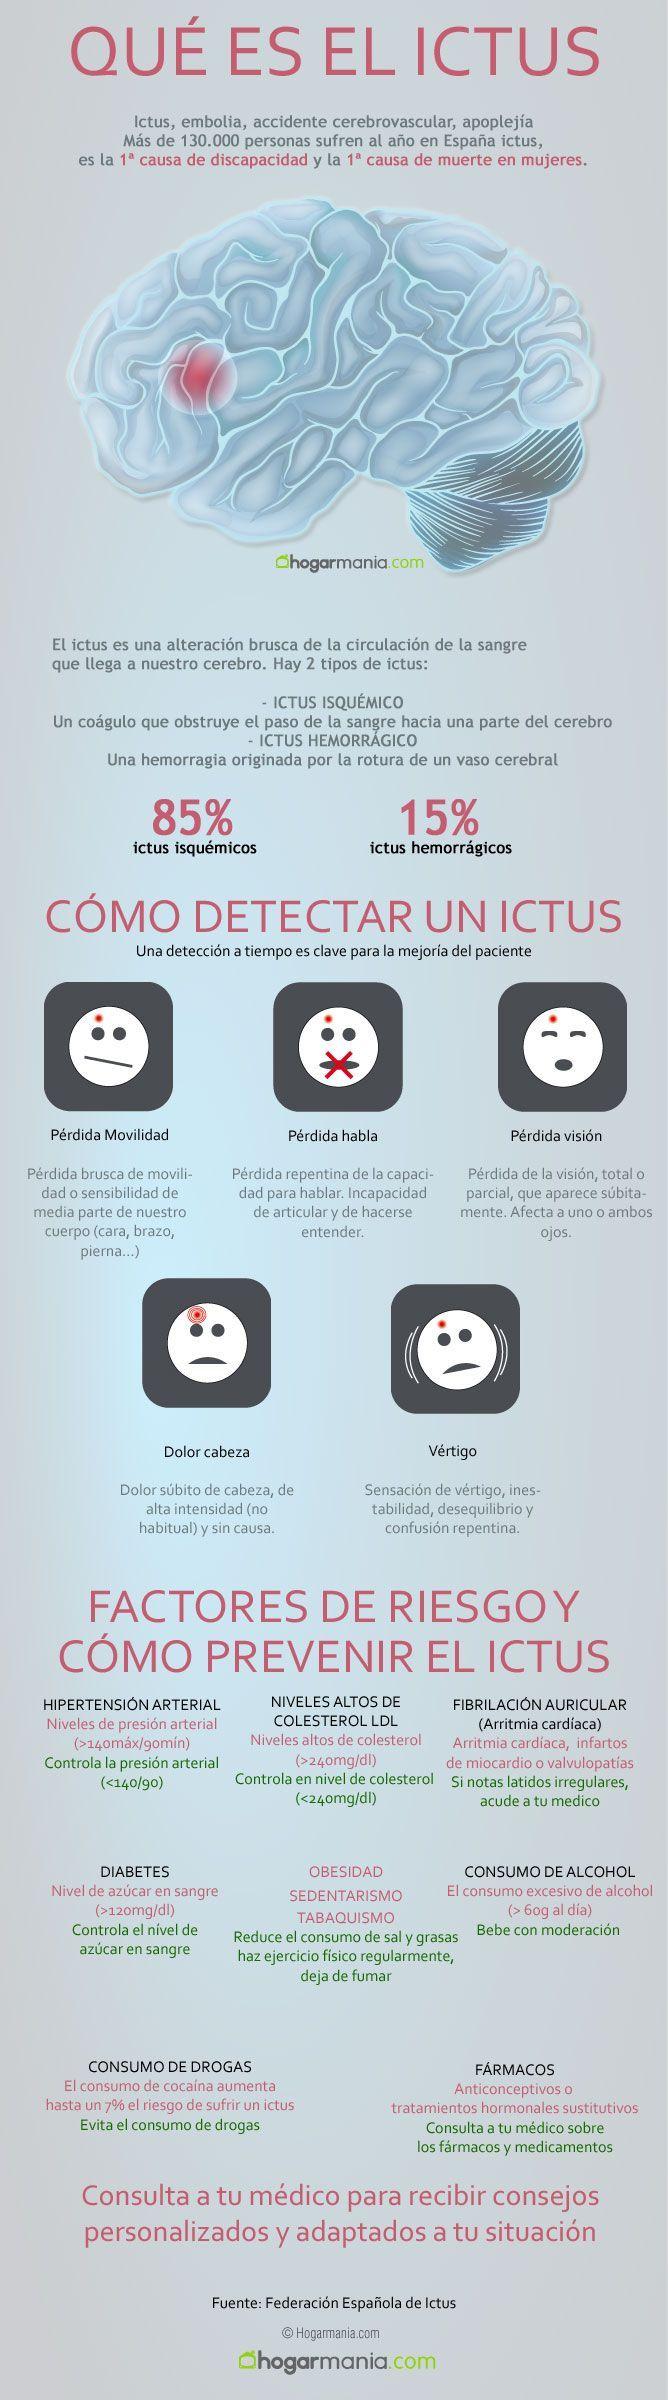 Infografía sobre el ictus, factores de riesgo y prevención - Hogarmania